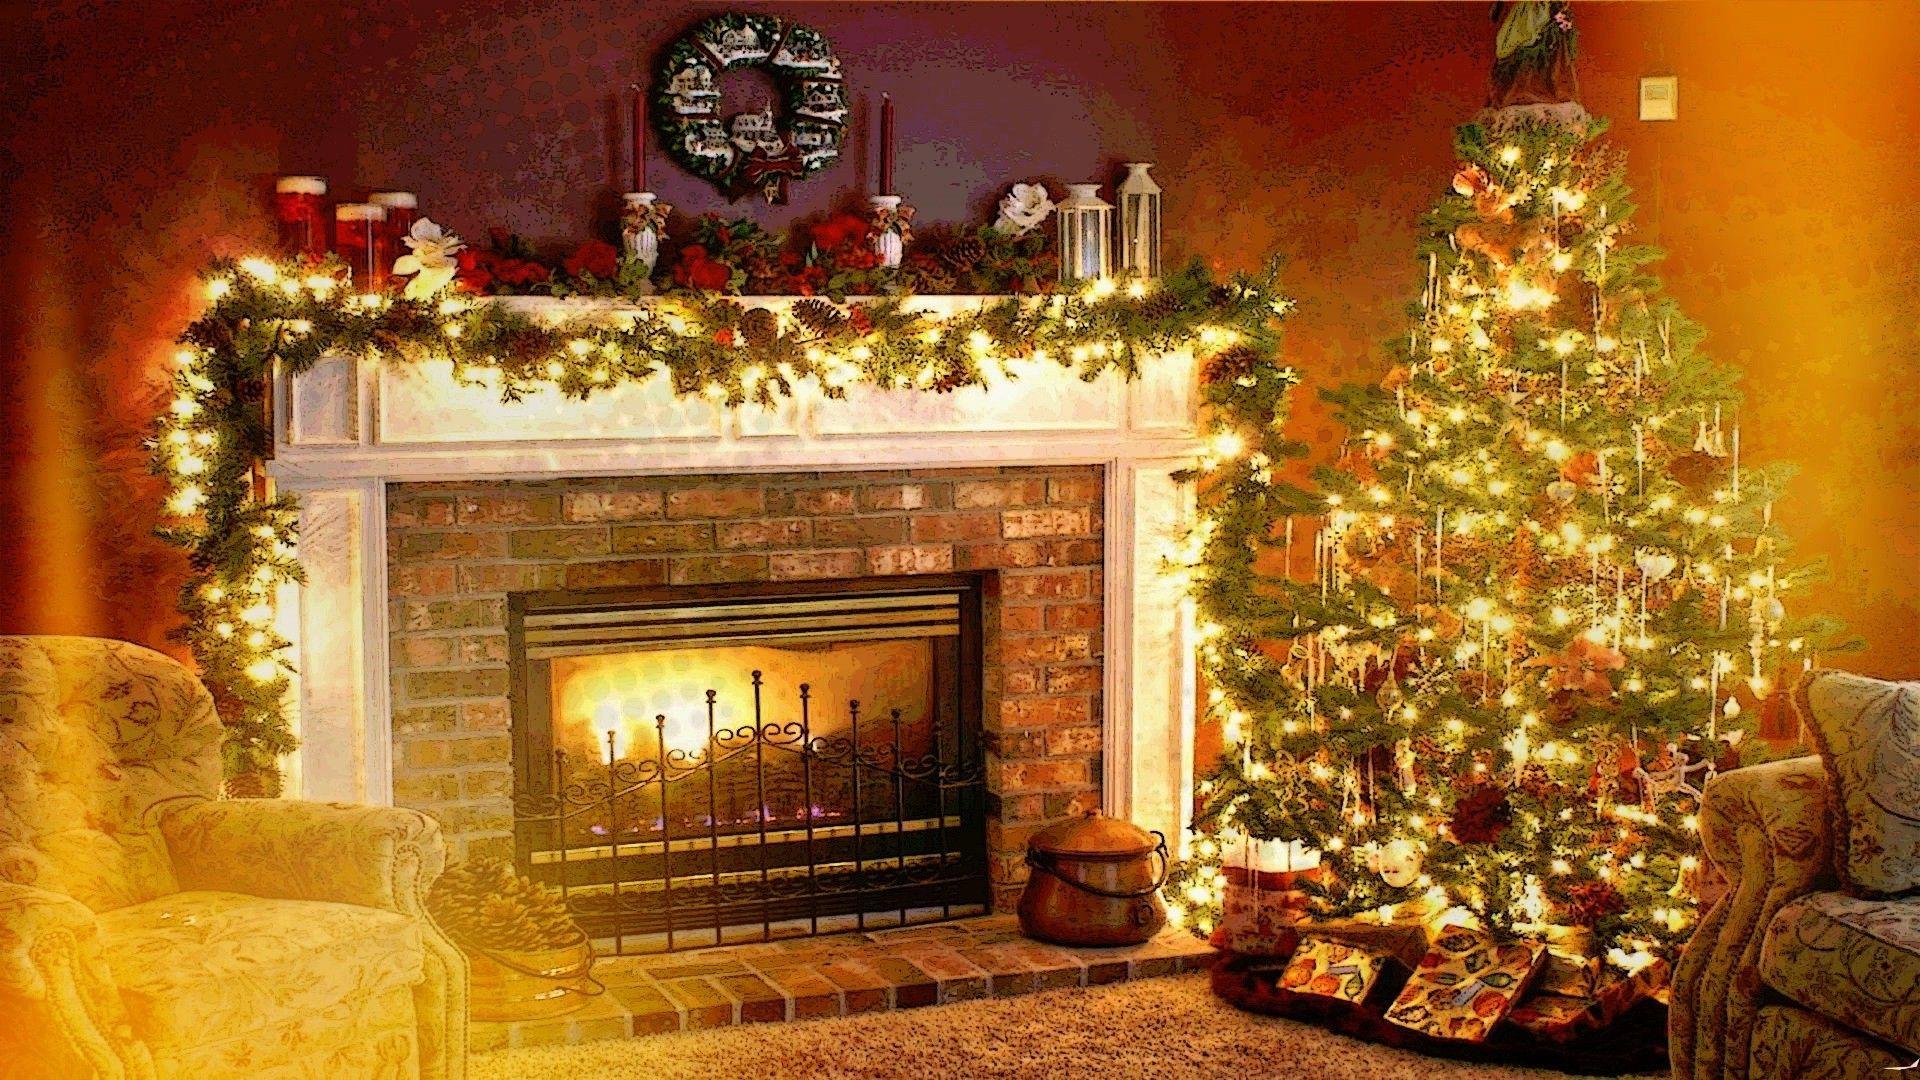 fireplace Xmas